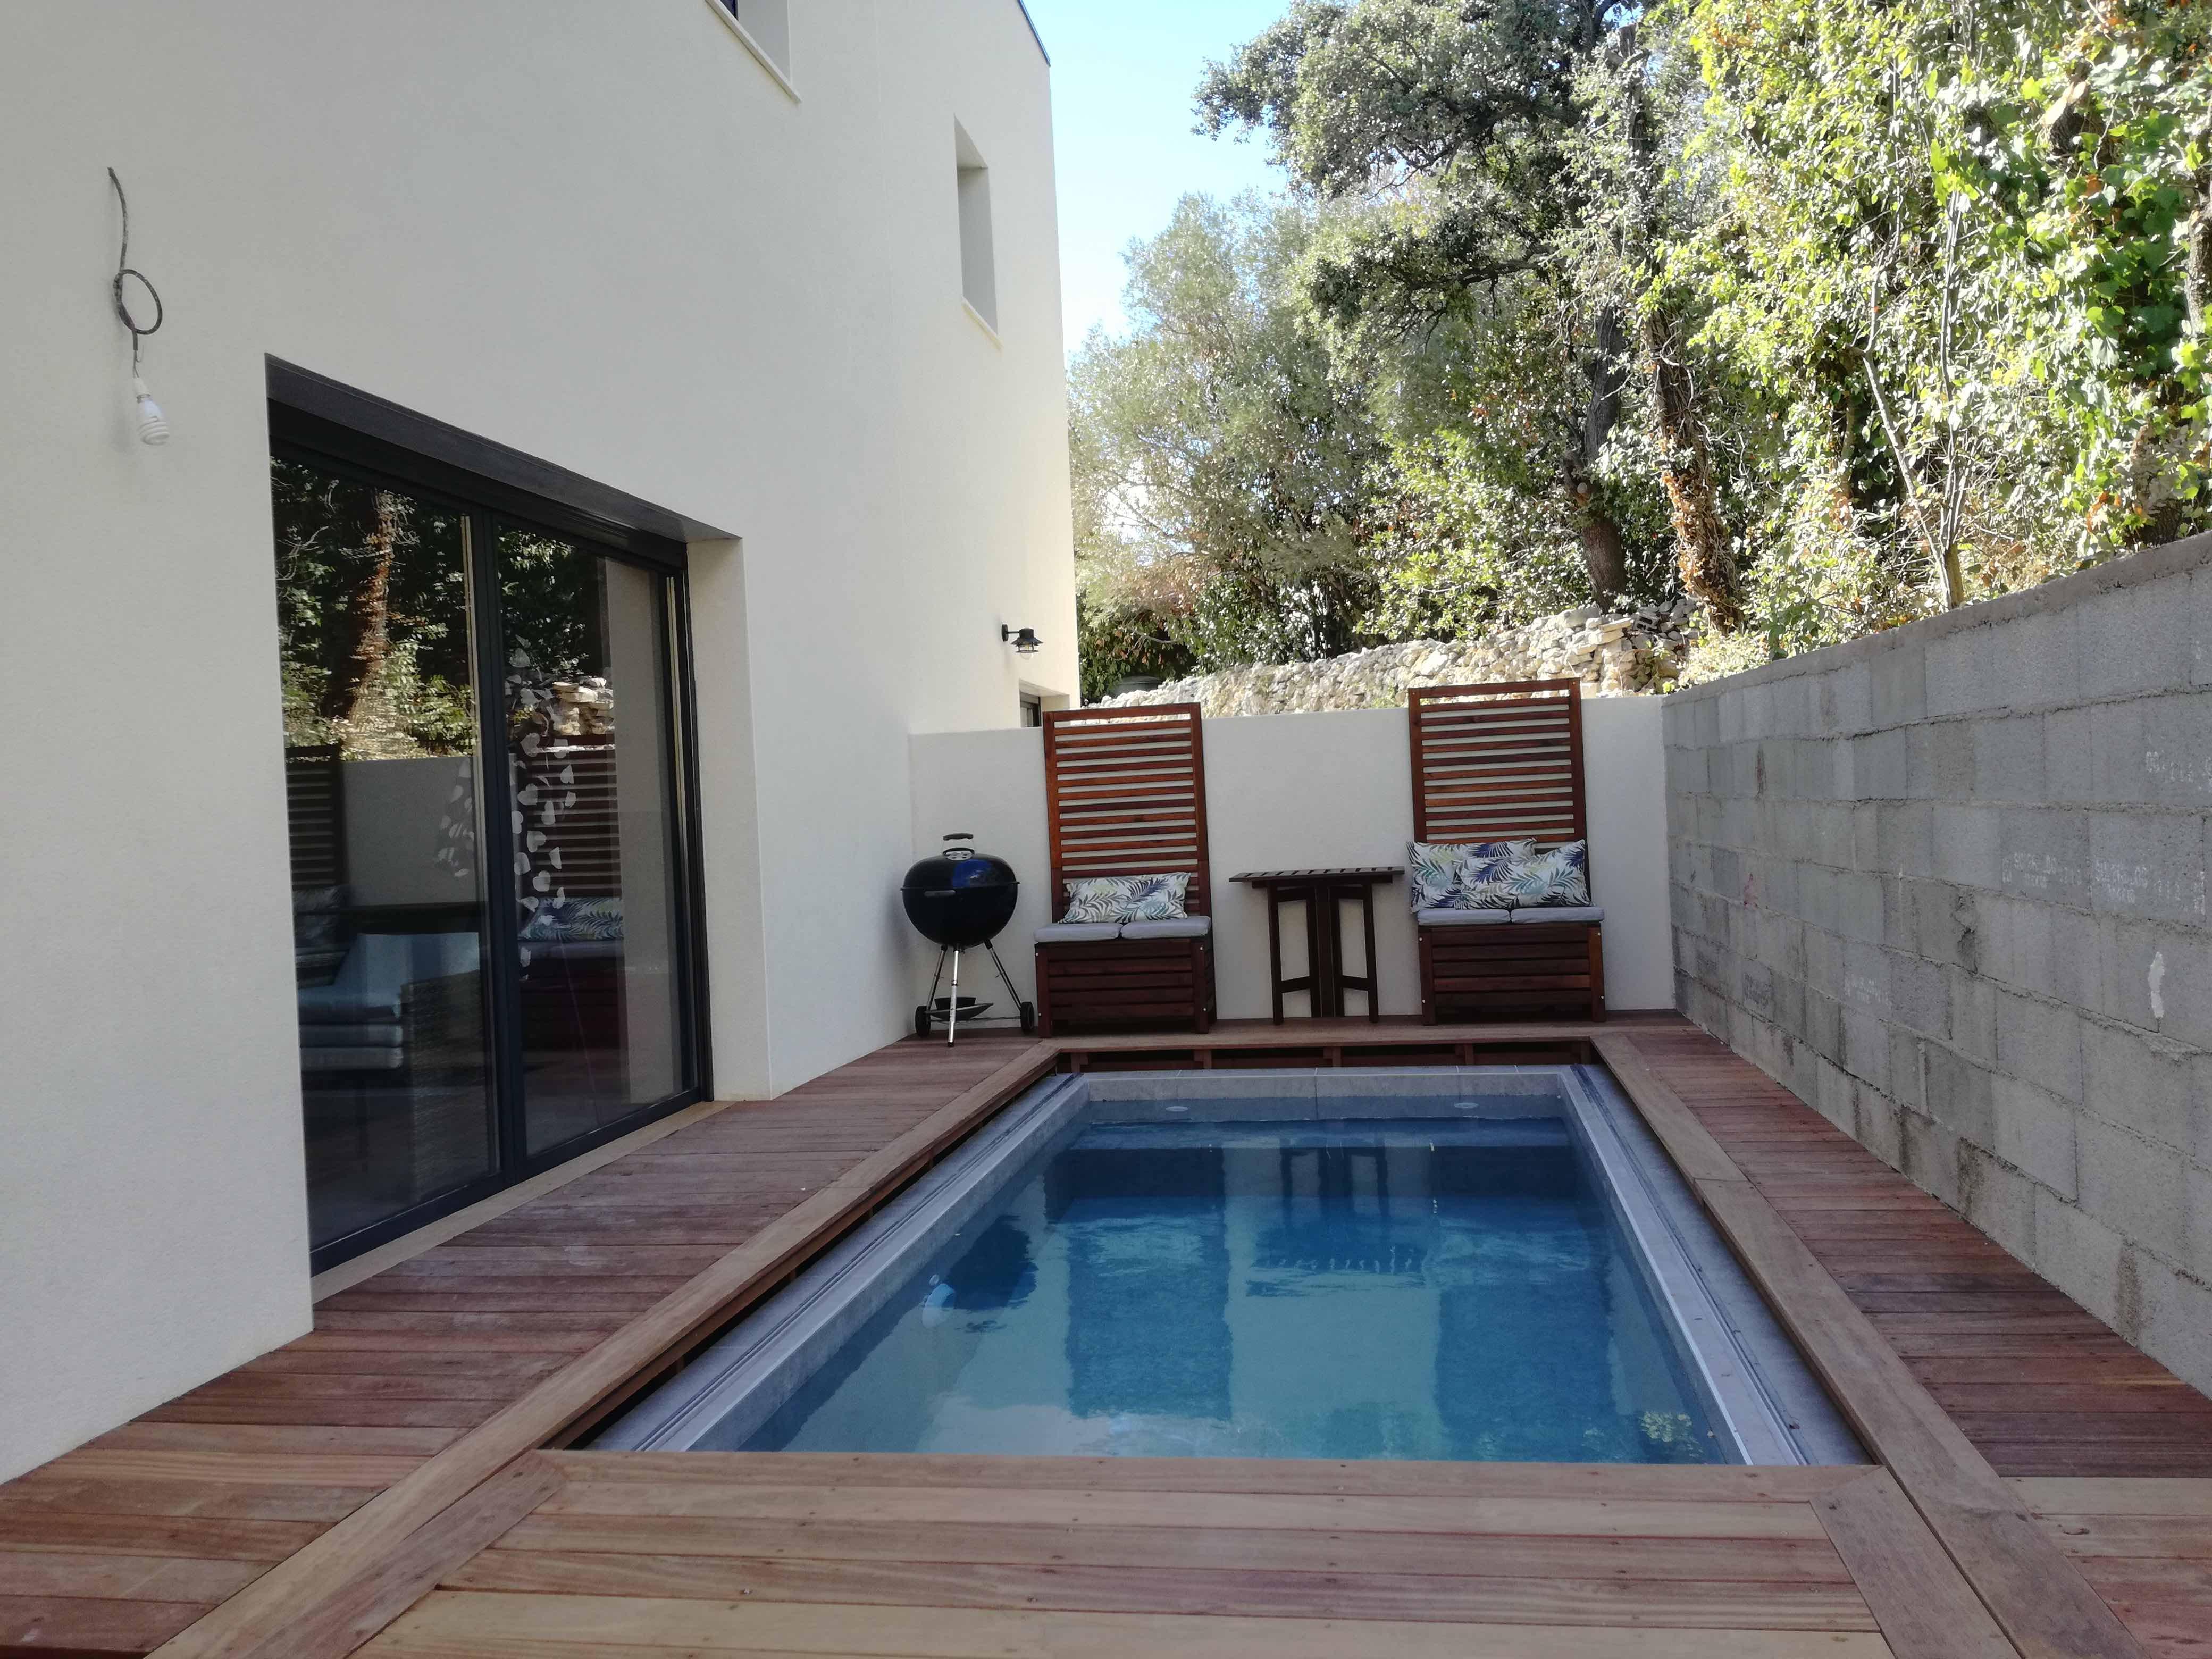 Constructeur De Piscine Montpellier réalisations de piscines et terrasse clients chantiers exemples